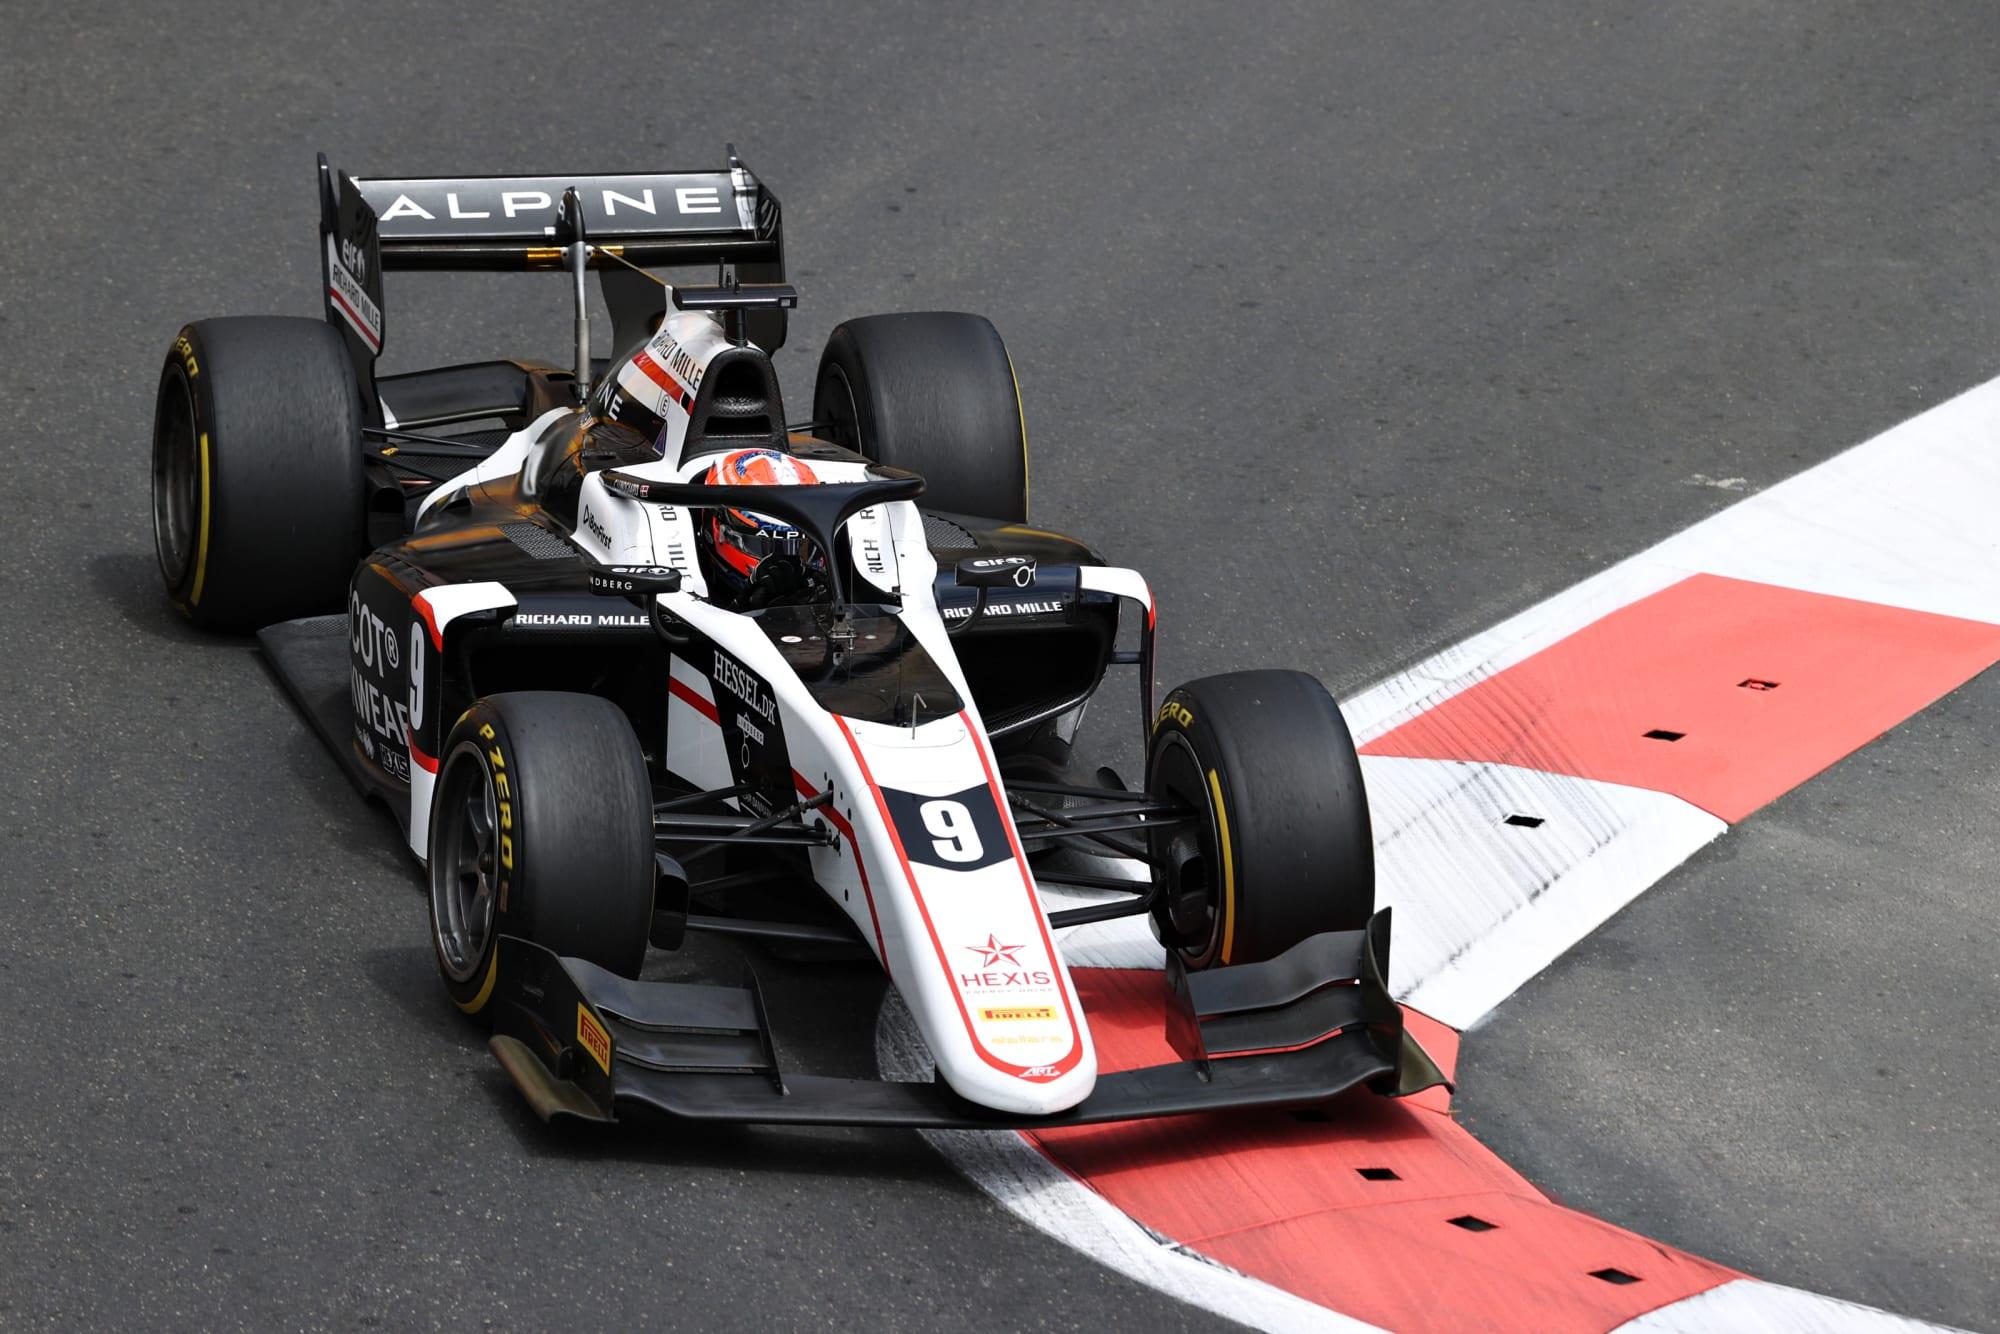 Formula 1 prospect set to make IndyCar debut - Beyond the Flag